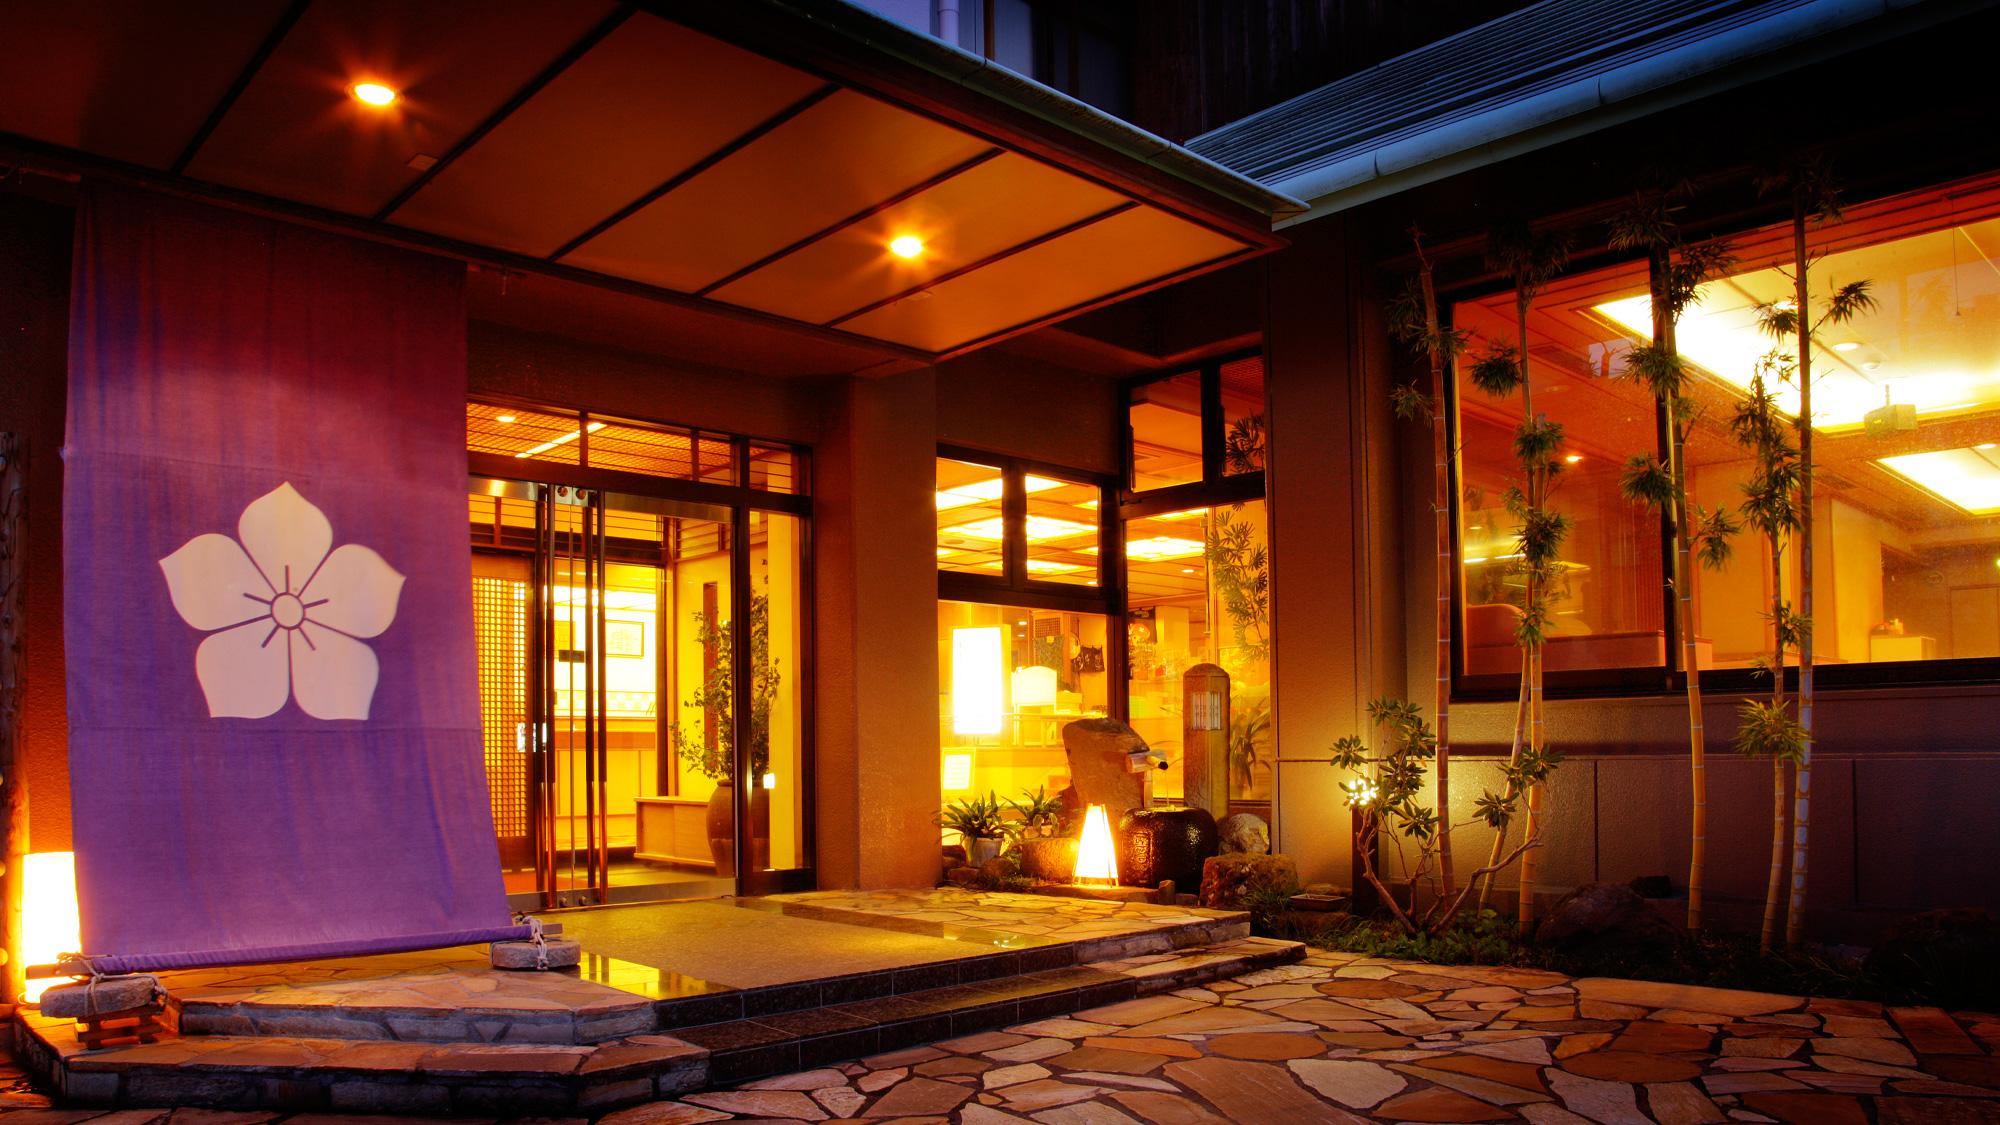 伊香保温泉で送迎バスがつくお宿を知りたいです